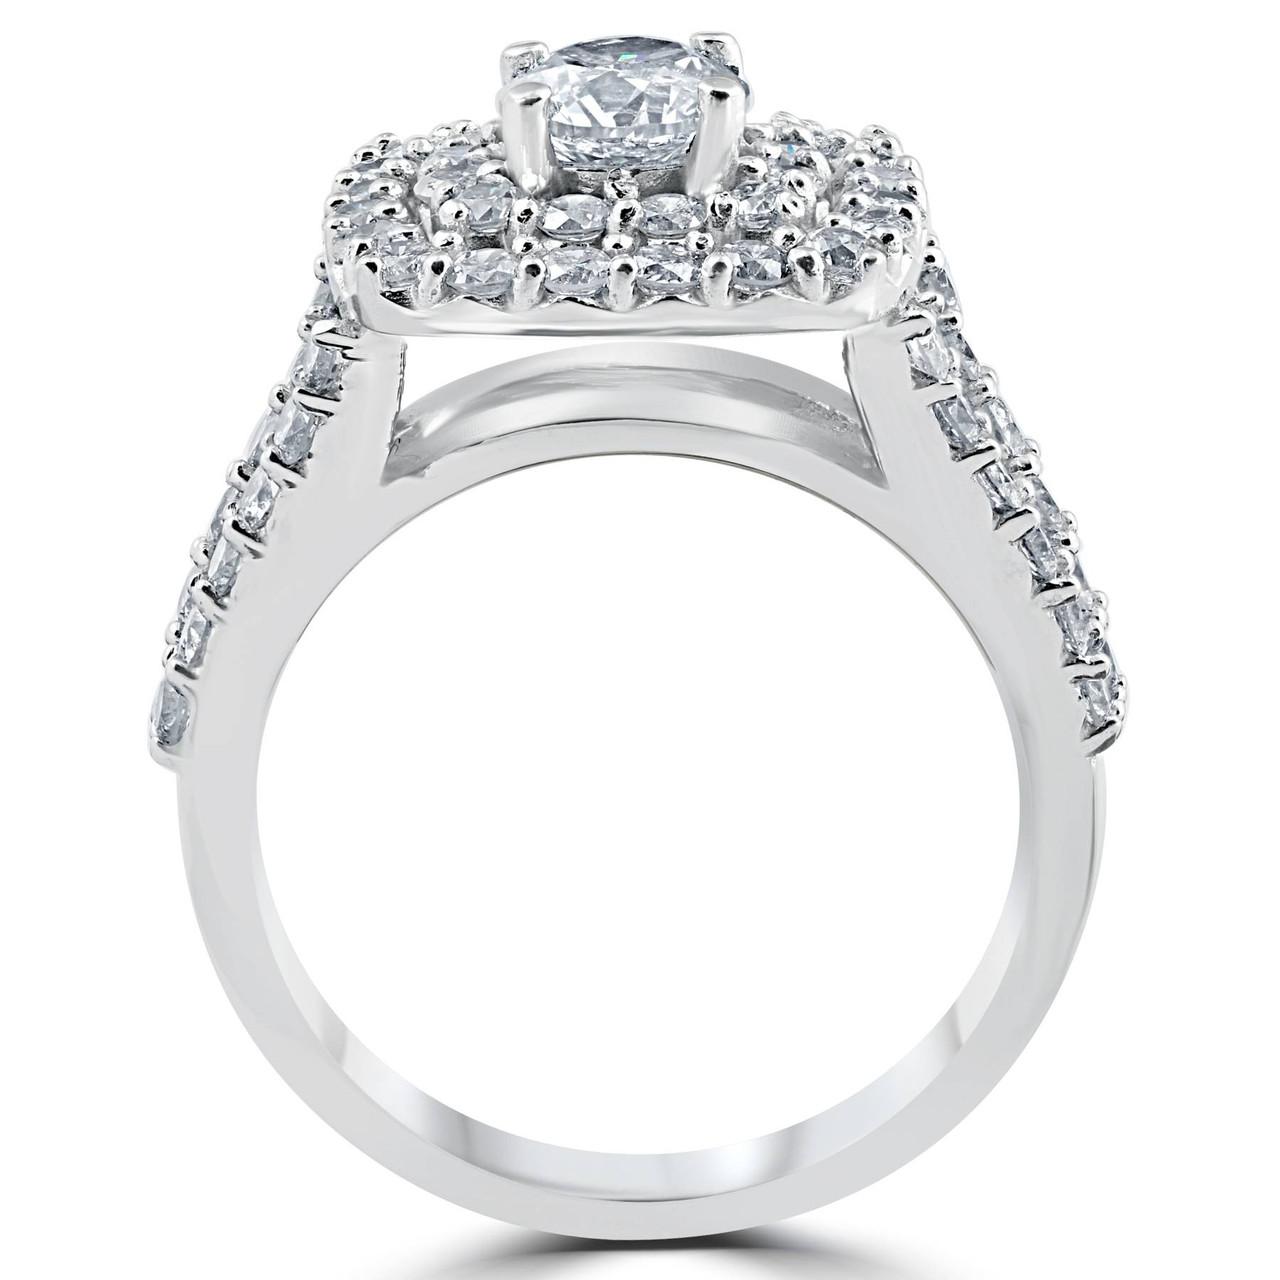 c09be6cf4ec8b4 3 ct Diamond Engagement Wedding Cushion Halo Ring Set 10k White Gold (H/I,  I1-I2)